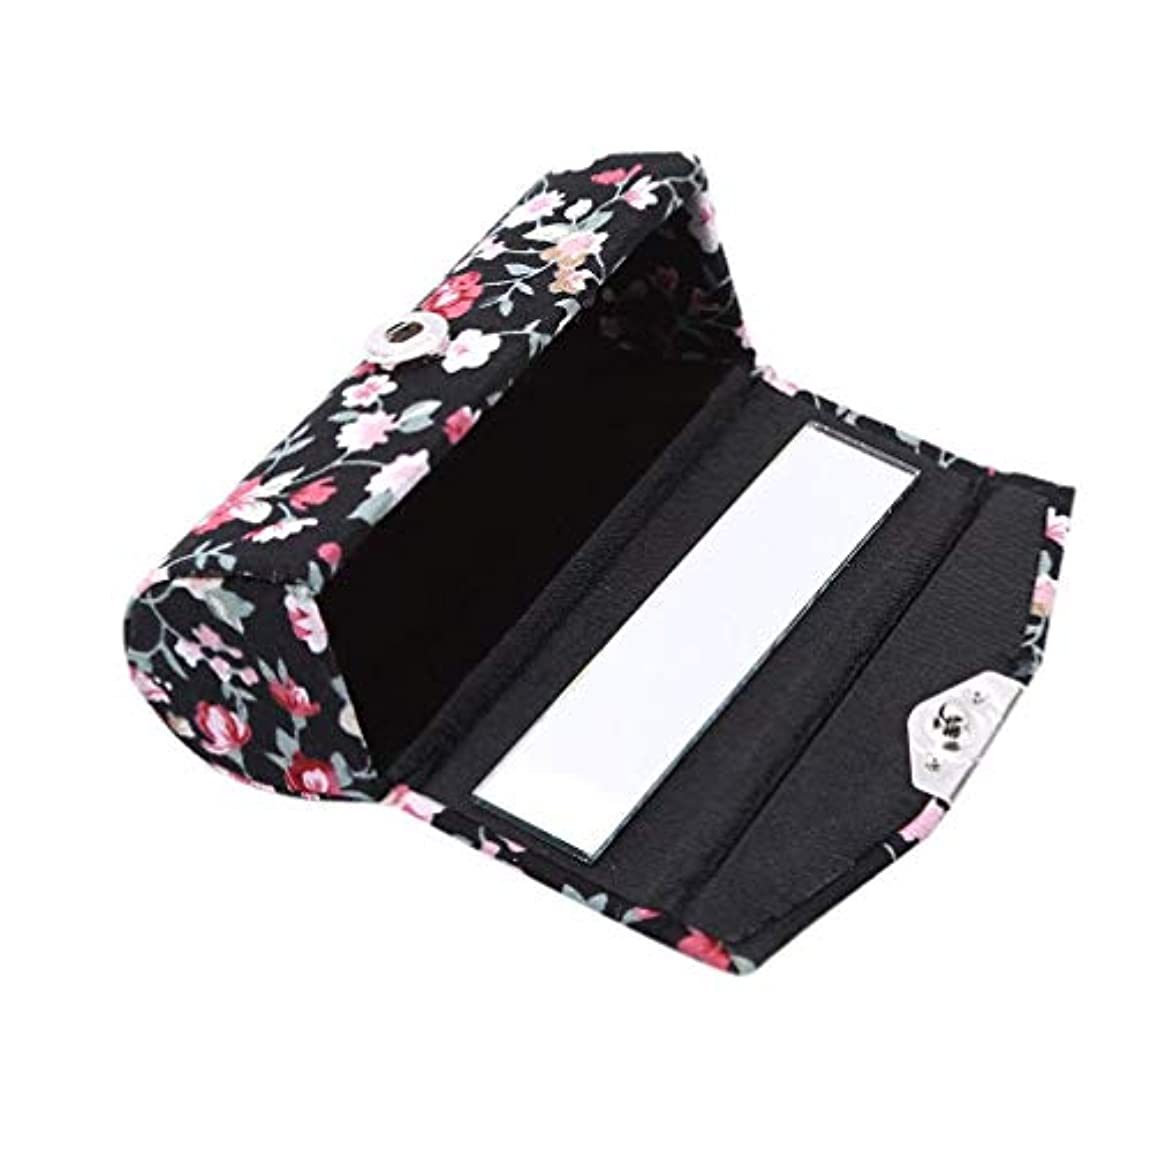 1st market 口紅ケースレトロ刺繍入り花柄付きミラーリップグロスボックスジュエリー収納ボックス、ブラック高品質